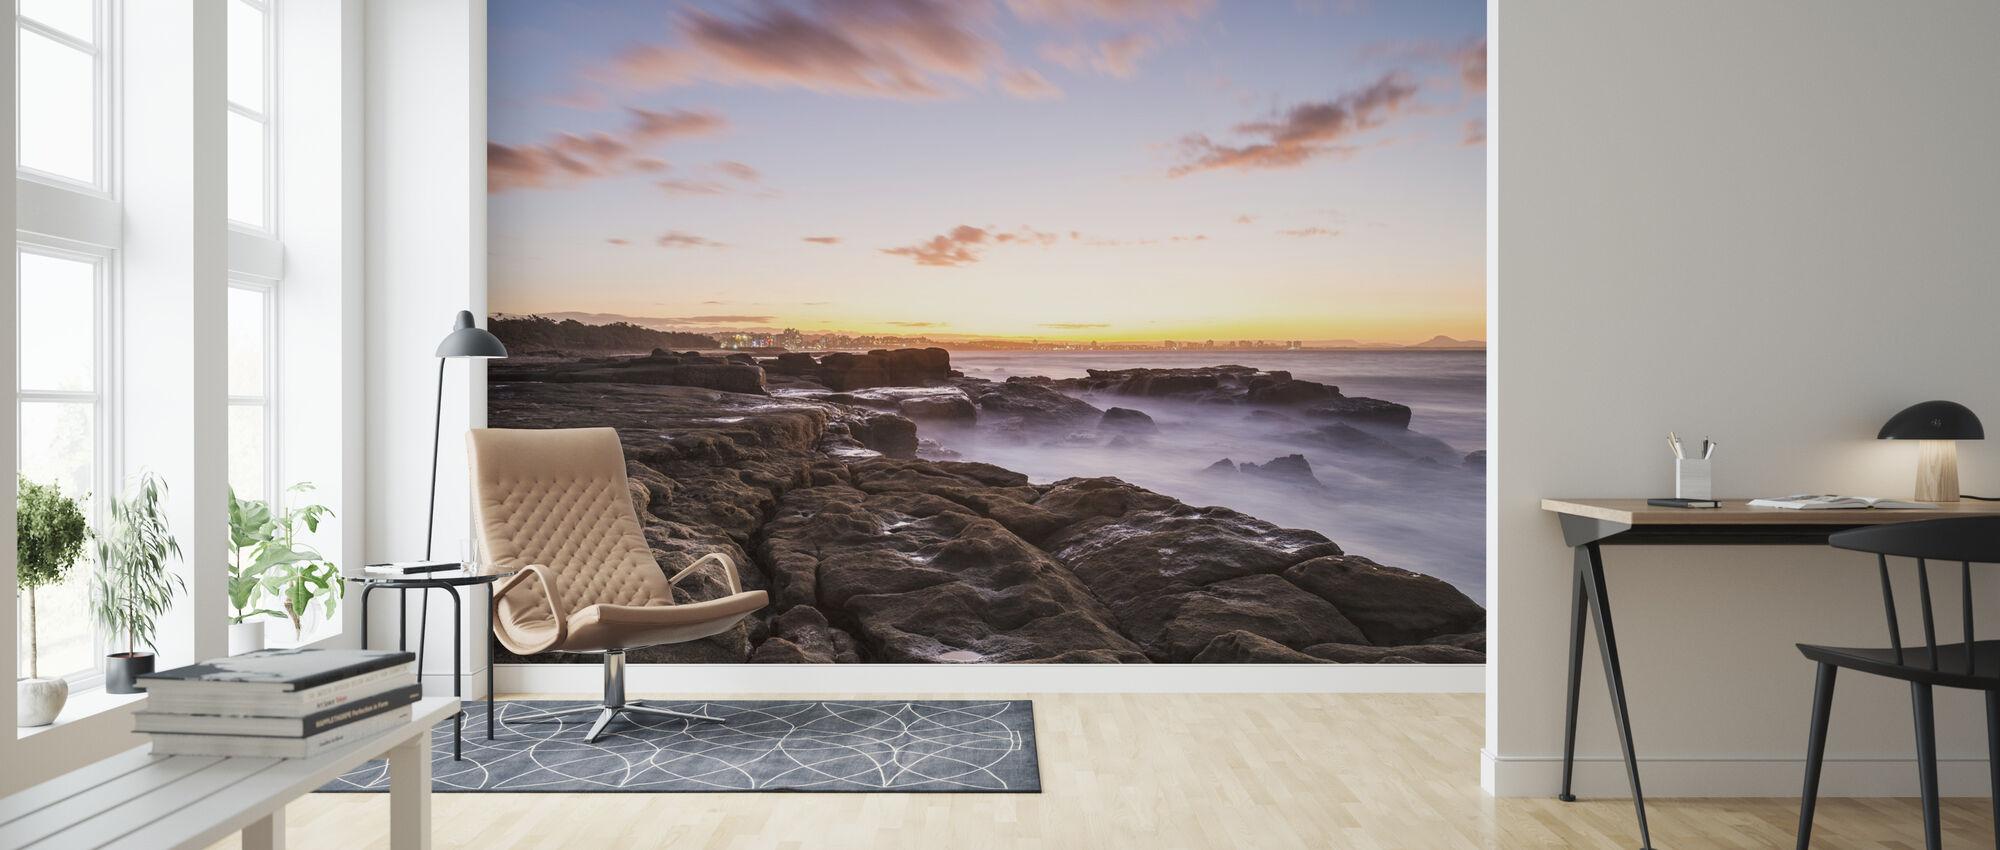 Mooloolaba Cityscape Horizon, Australia - Wallpaper - Living Room